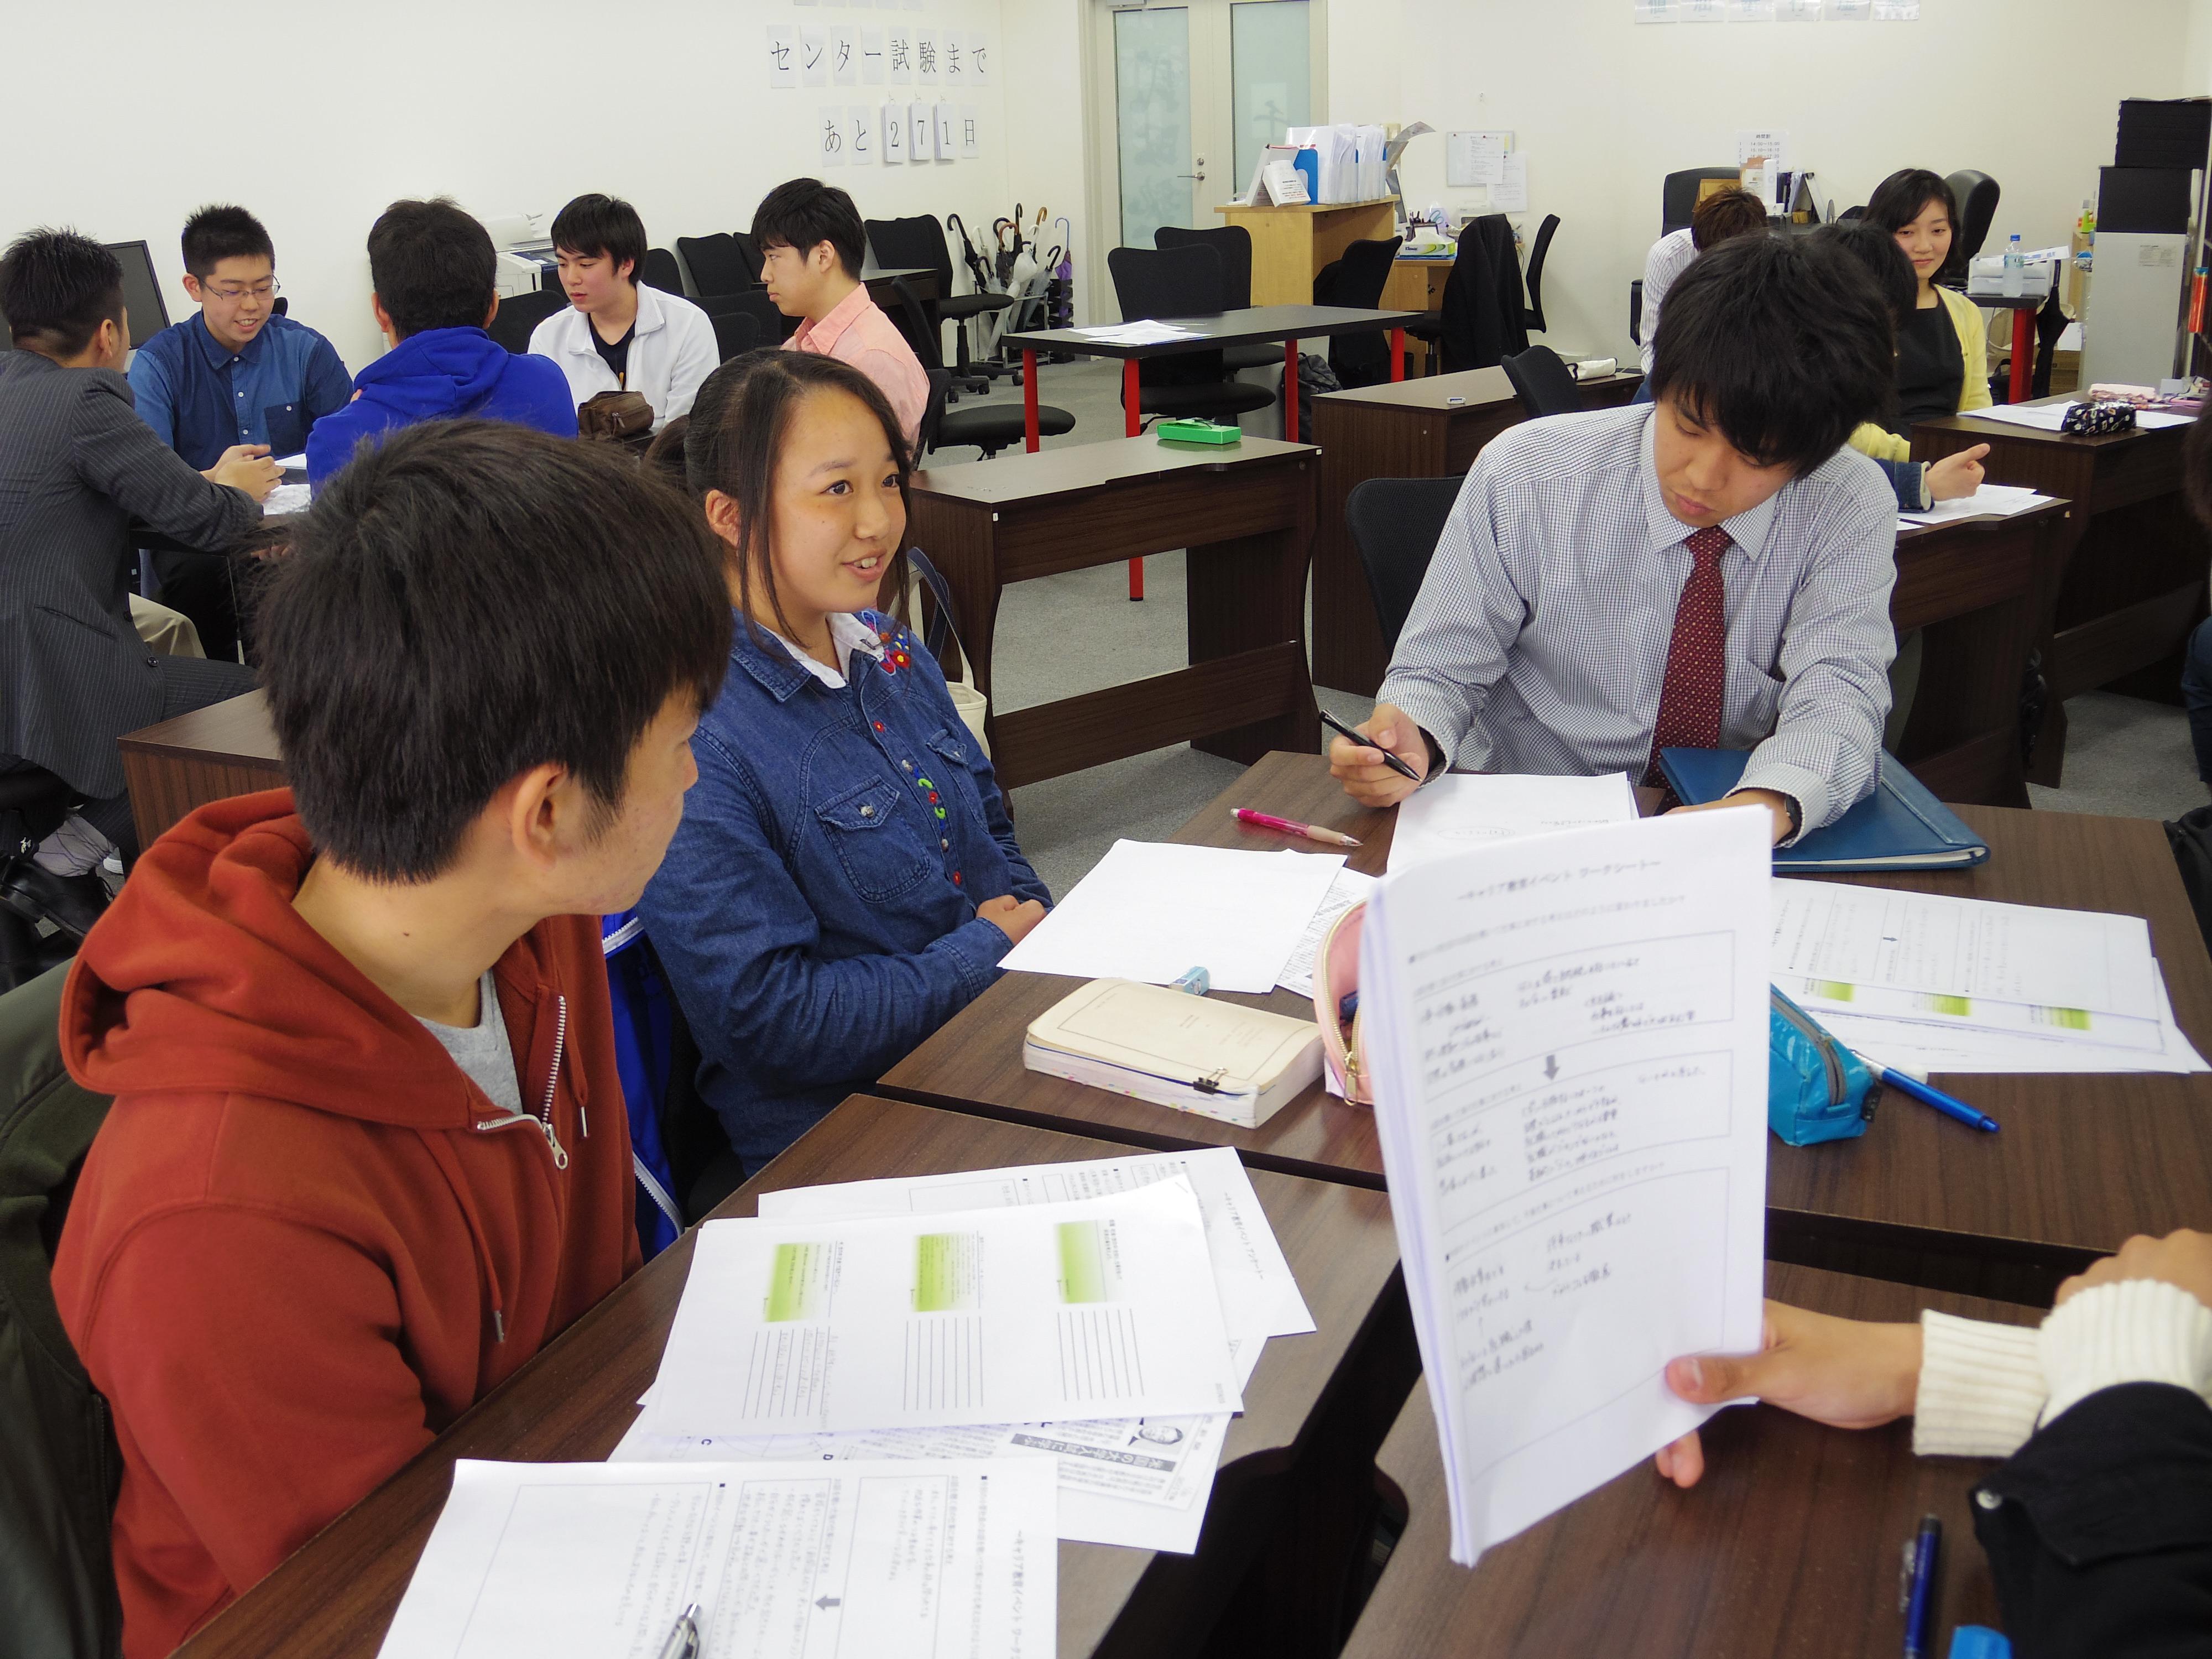 〜学部と就職の疑問に答えます!!〜第2回キャリア教育イベント開催